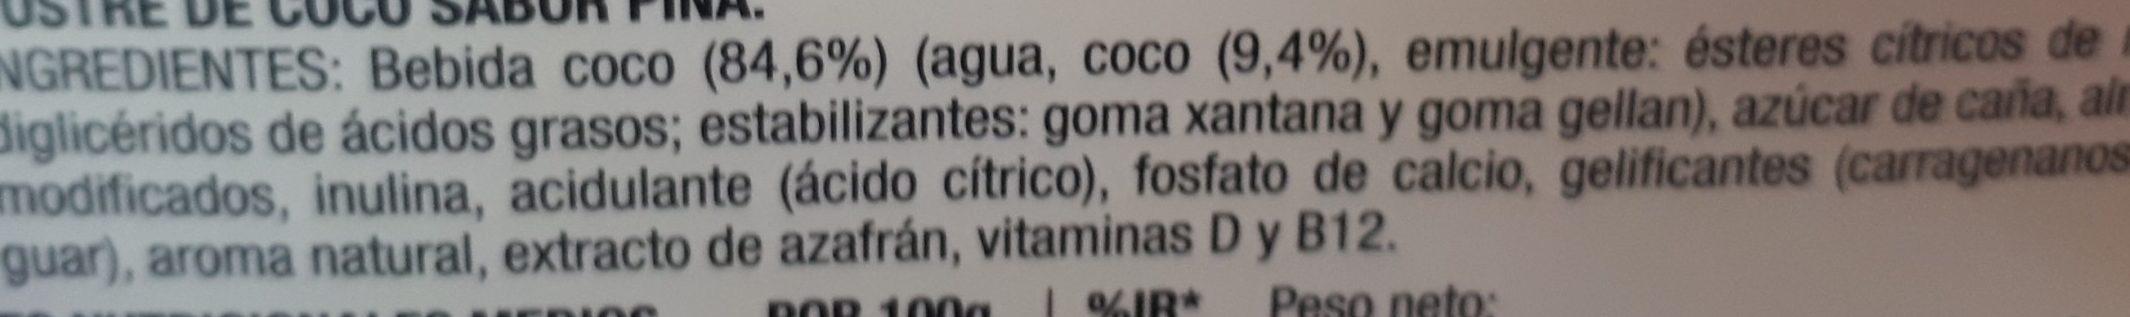 Postre cremoso de coco Piña - Ingrédients